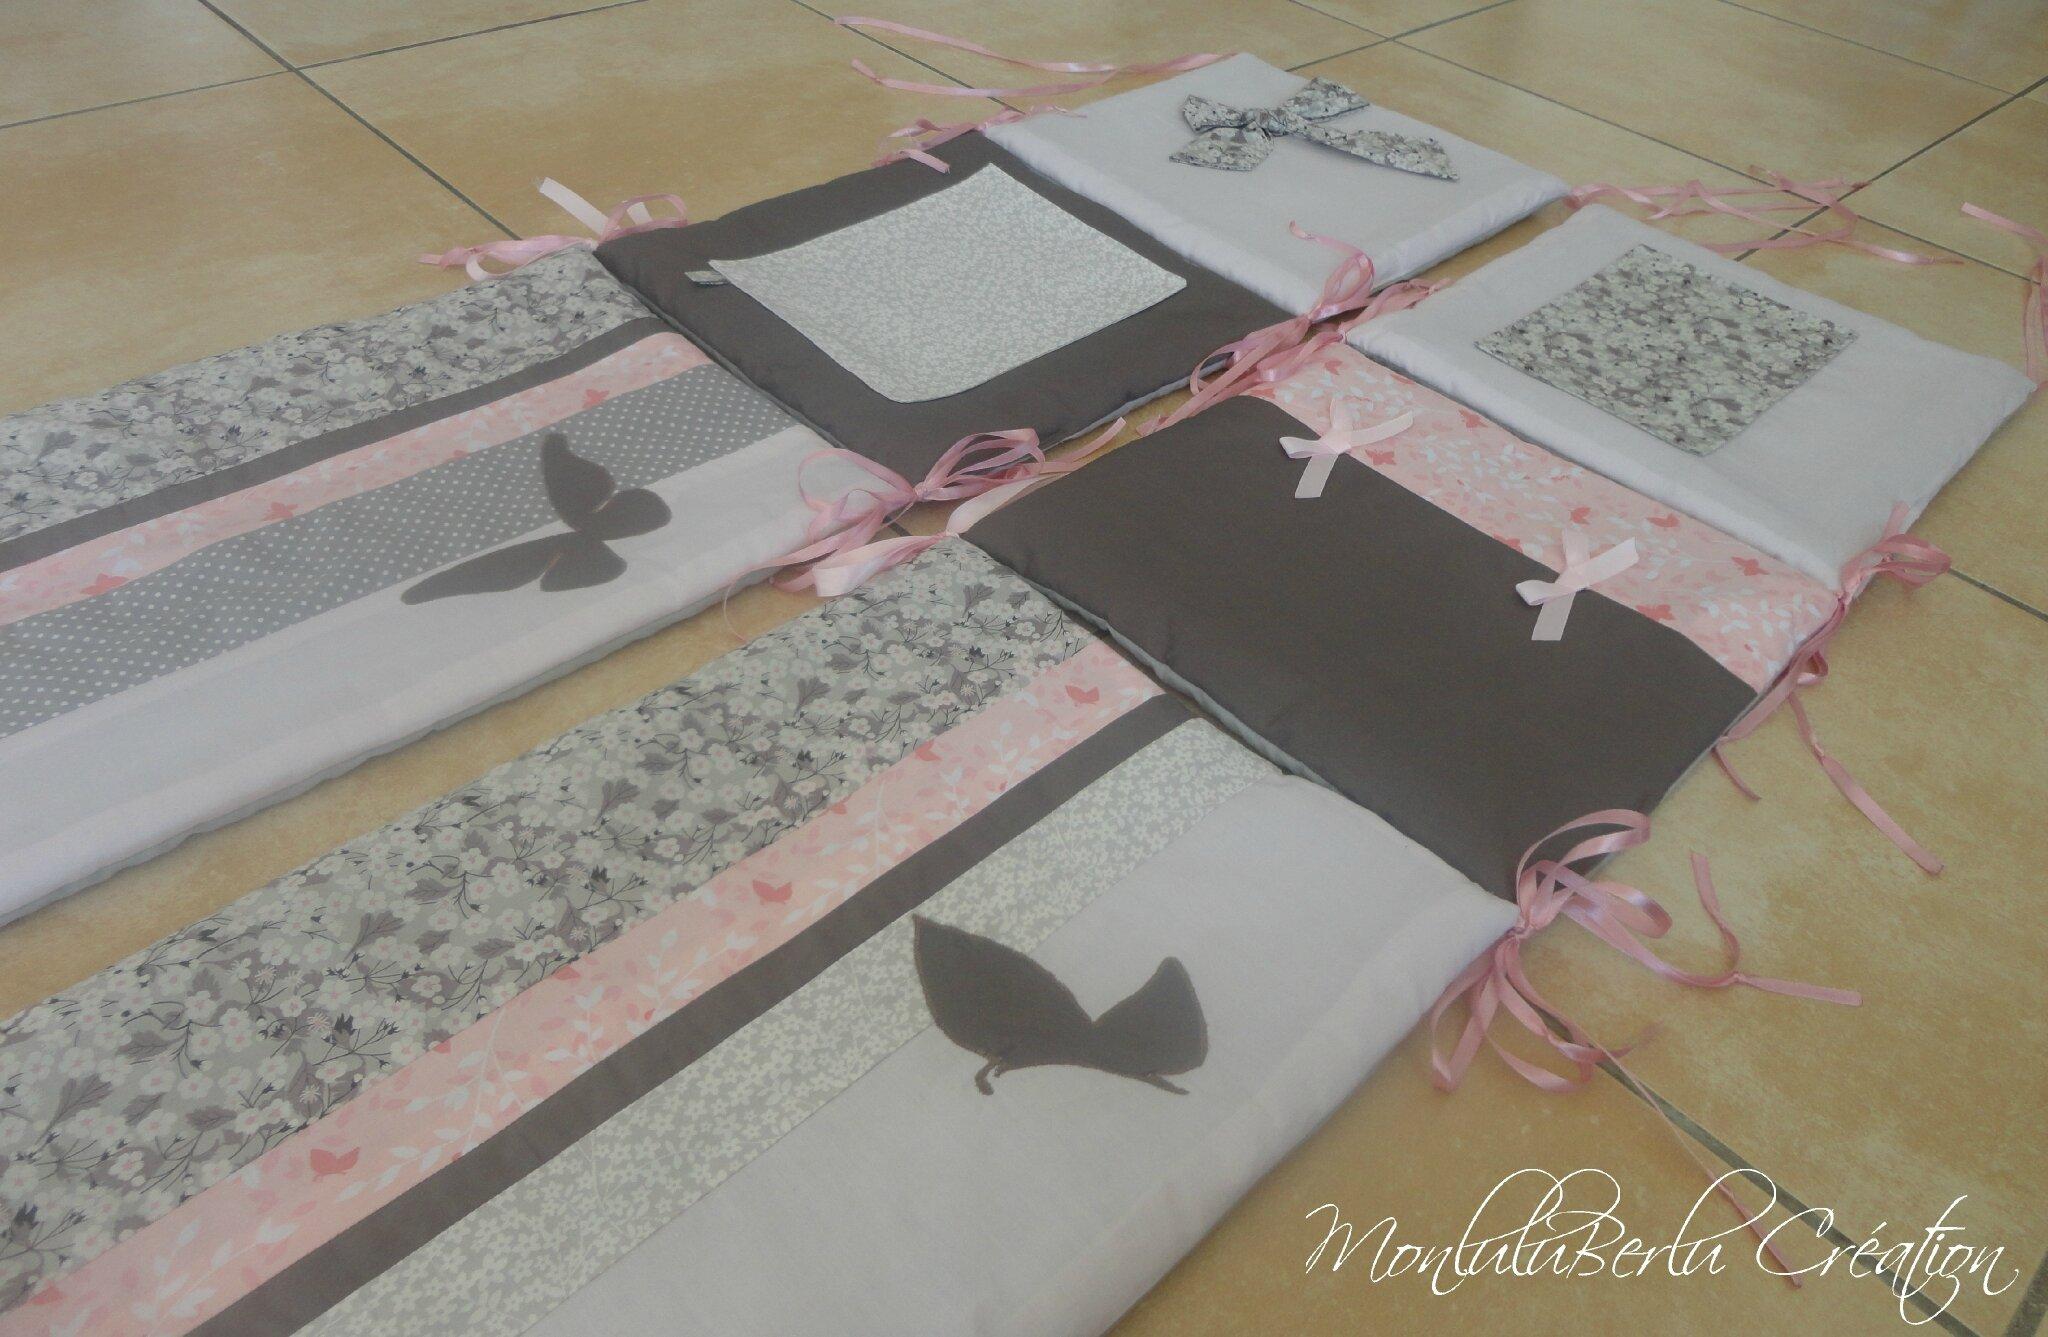 Tours de lit jumelles liberty taupe rose poudr gris for Taupe rose poudre